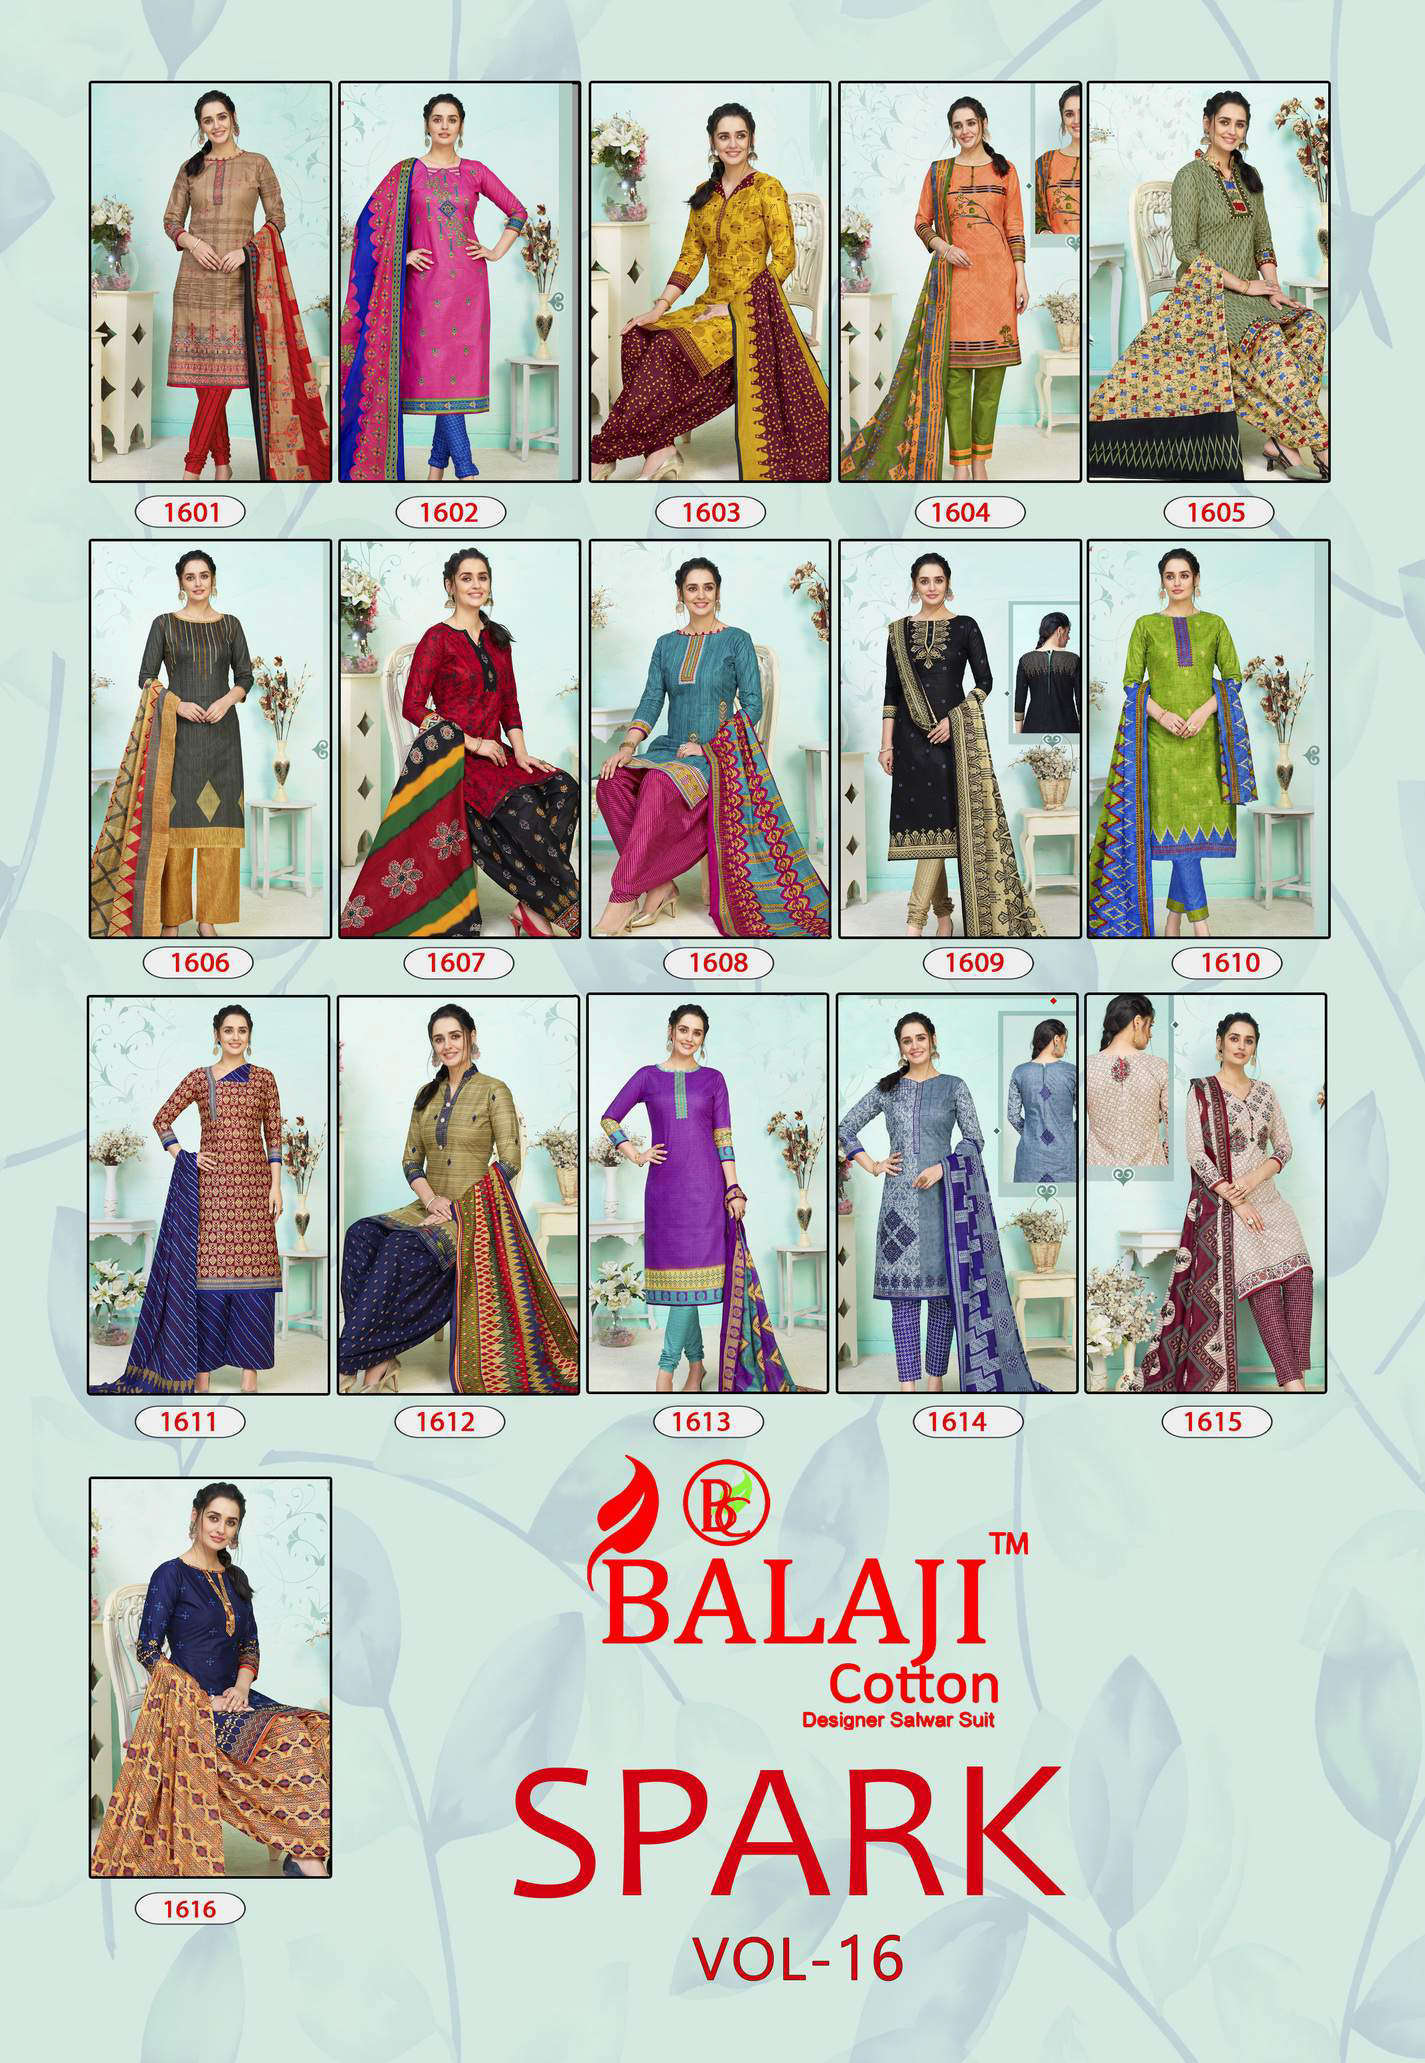 Balaji Cotton Spark Vol 16 Salwar Suit Wholesale Catalog 16 Pcs 17 - Balaji Cotton Spark Vol 16 Salwar Suit Wholesale Catalog 16 Pcs